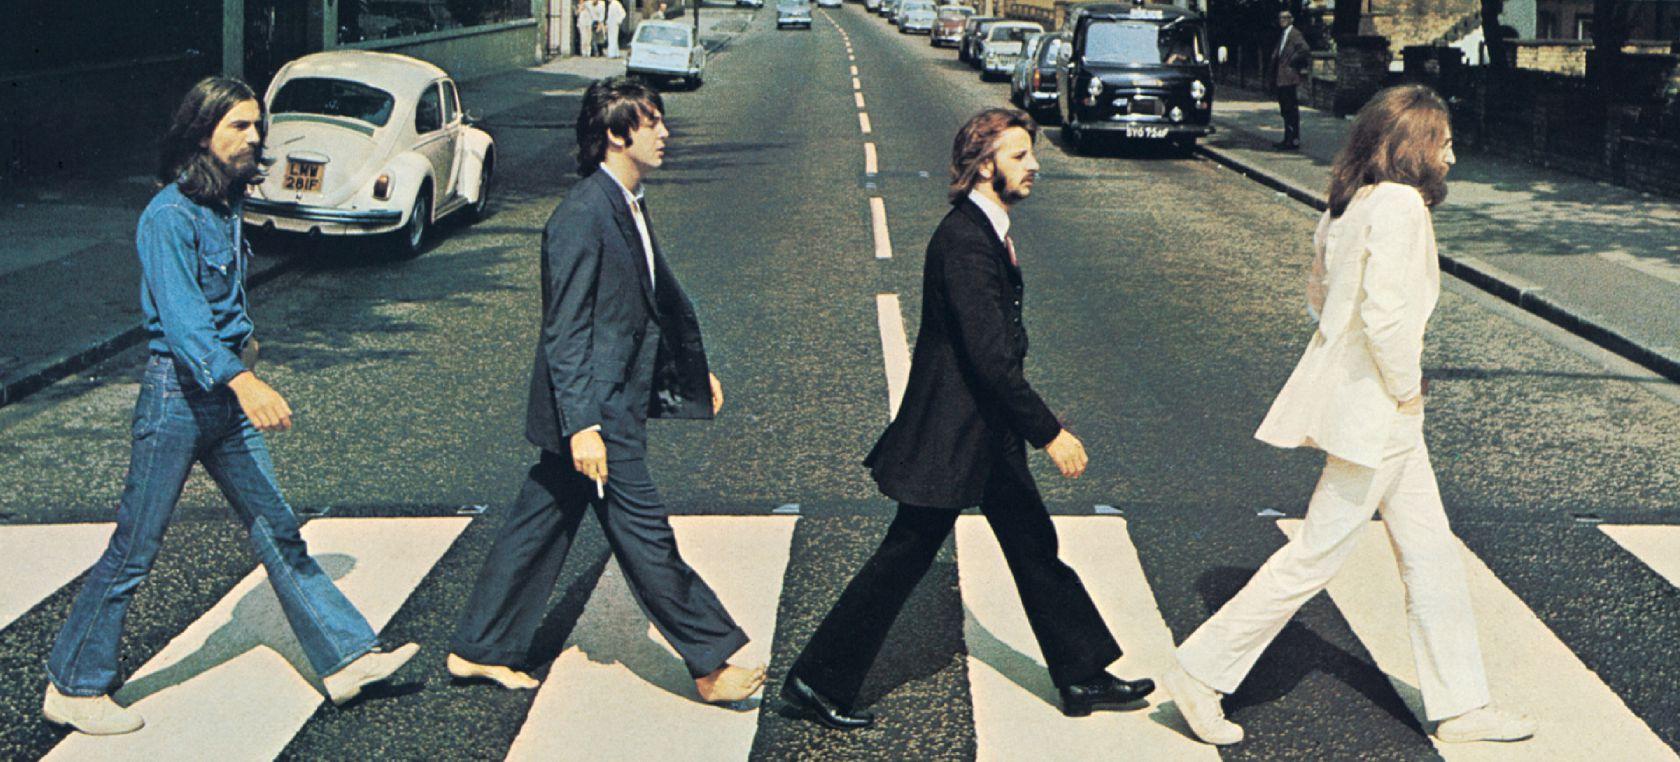 La icónica foto de The Beatles en Abbey Road cumple 50 años | LOS40 Classic  | LOS40